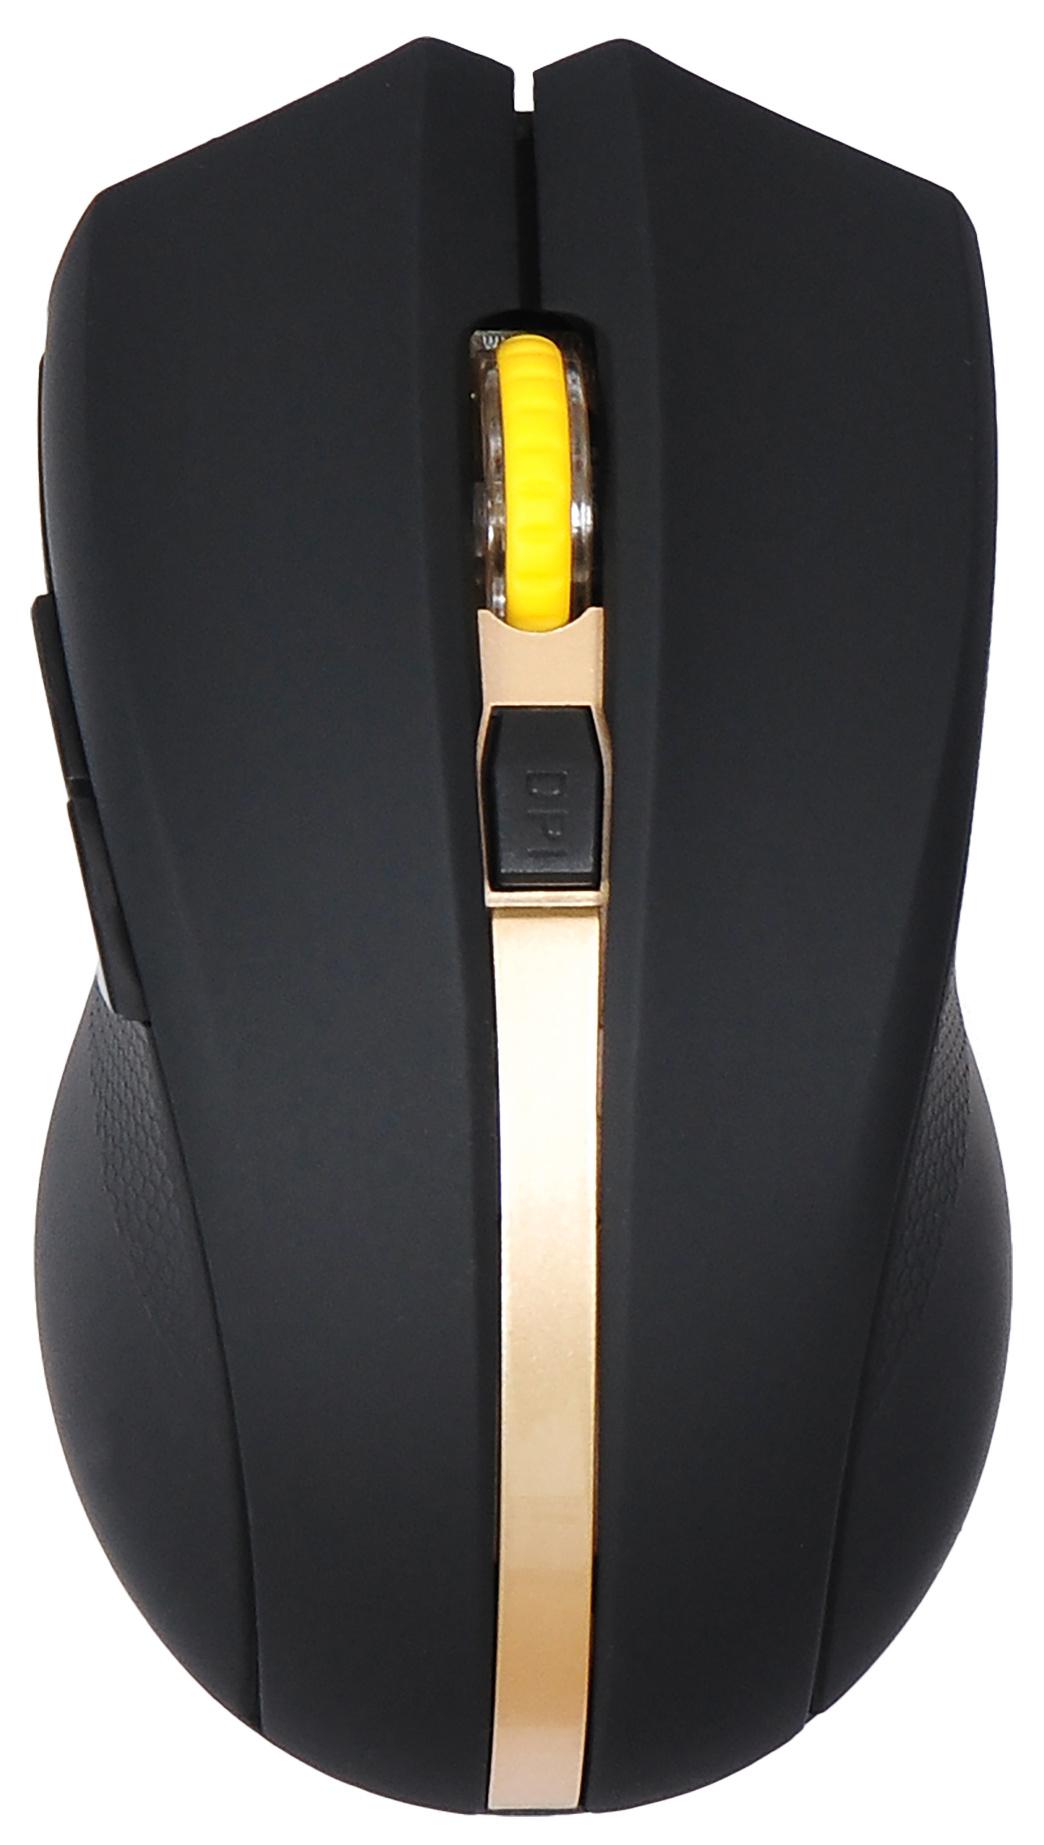 Мышь Oklick 495MW черный/золотистый оптическая (1600dpi) беспроводная USB (6but)